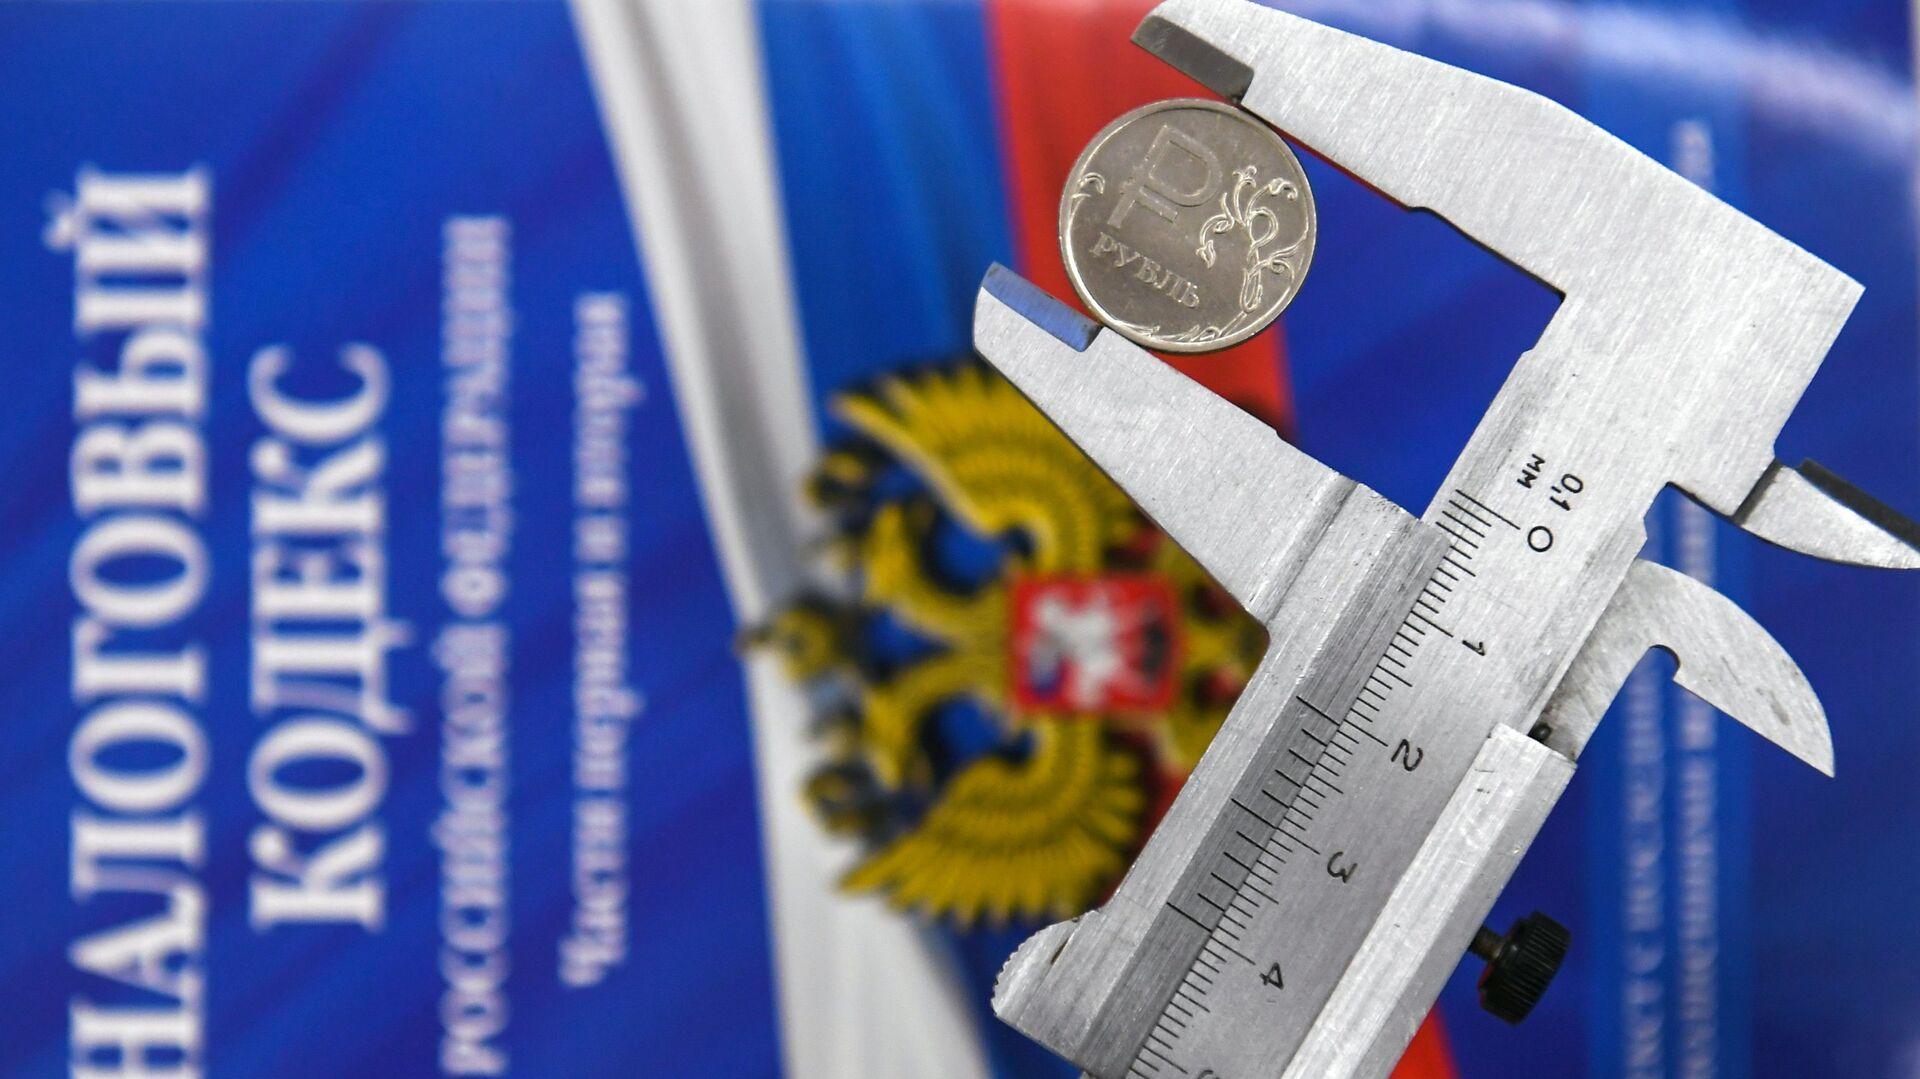 Налоговый кодекс РФ - РИА Новости, 1920, 29.01.2021